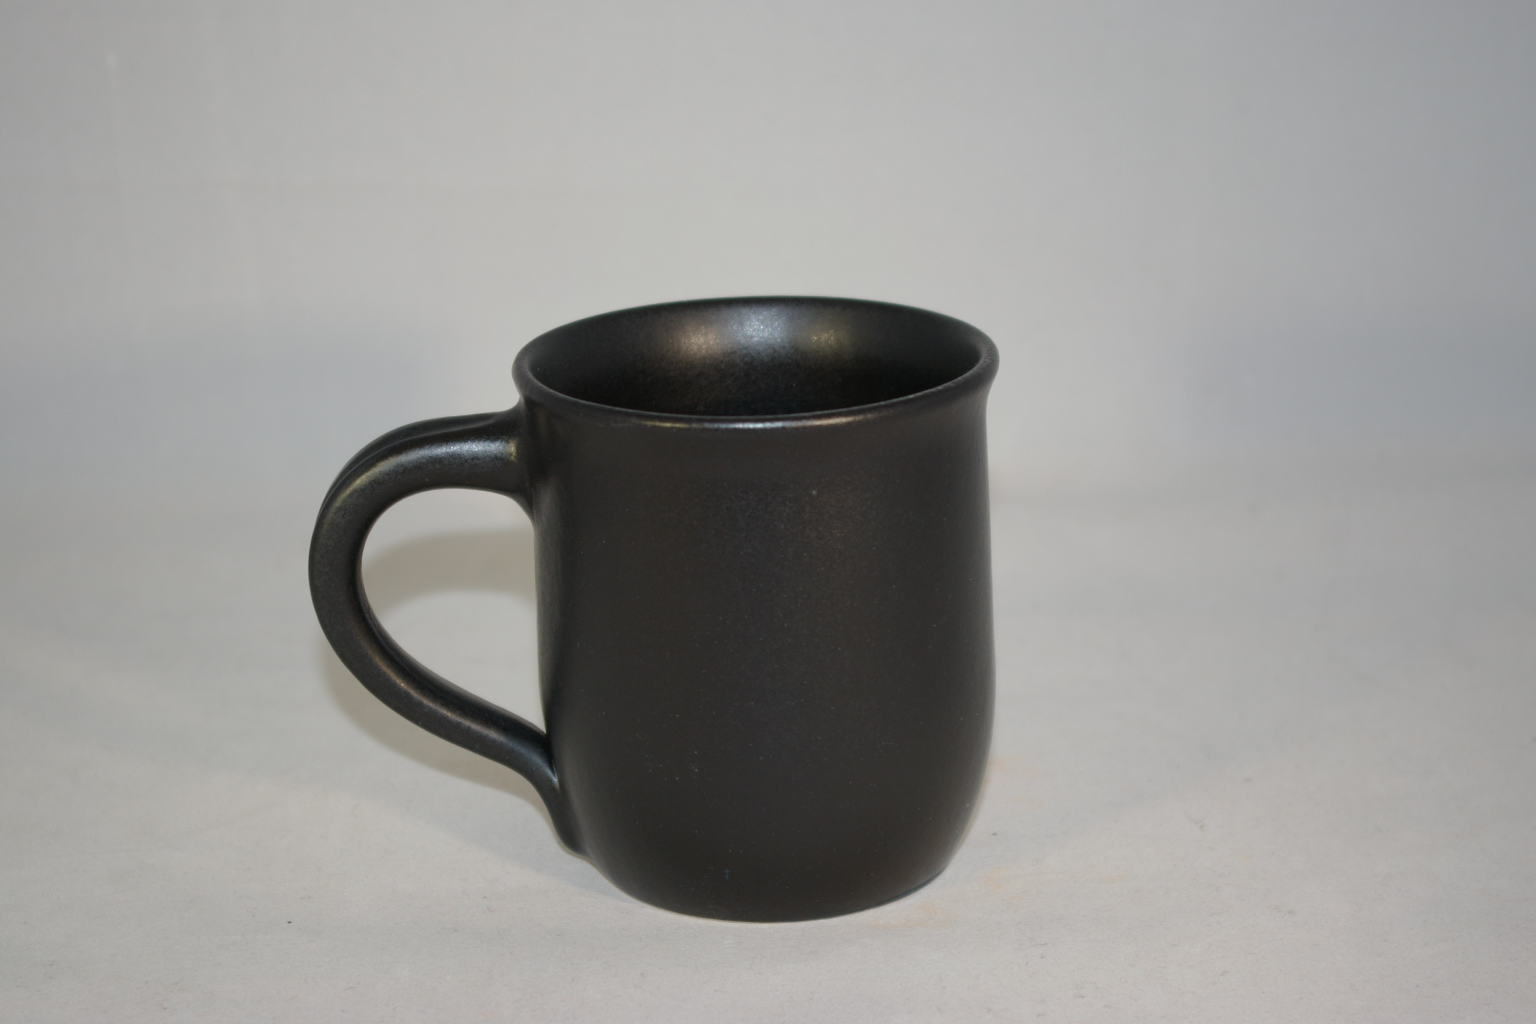 kaffeebecher neutral schwarz matt keramik seifert ronny seifert toepferei seifert ihr. Black Bedroom Furniture Sets. Home Design Ideas